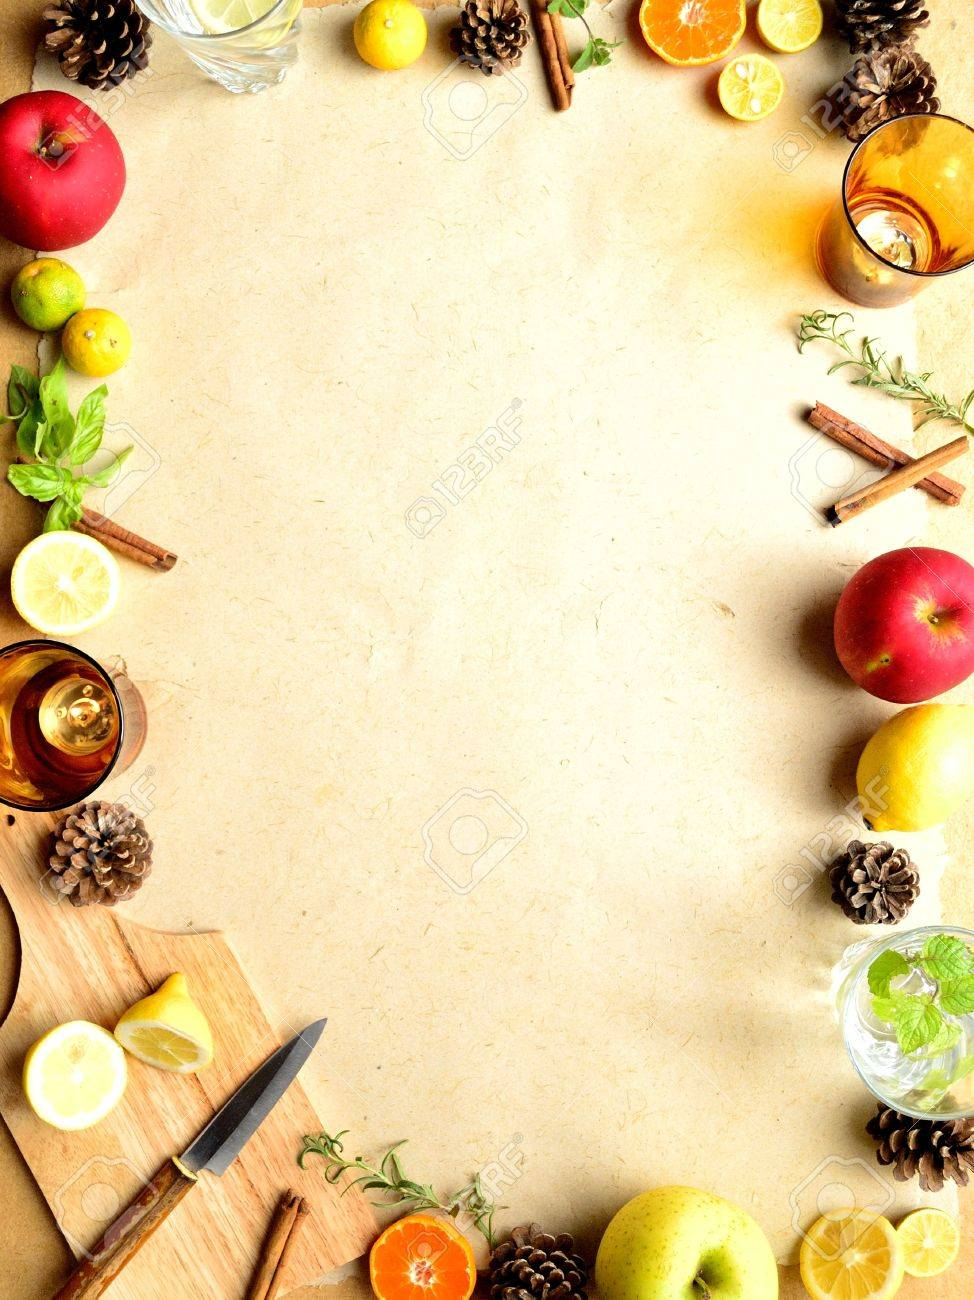 Kitchen Supplies: Fruits,herbs And Kitchen Supplies